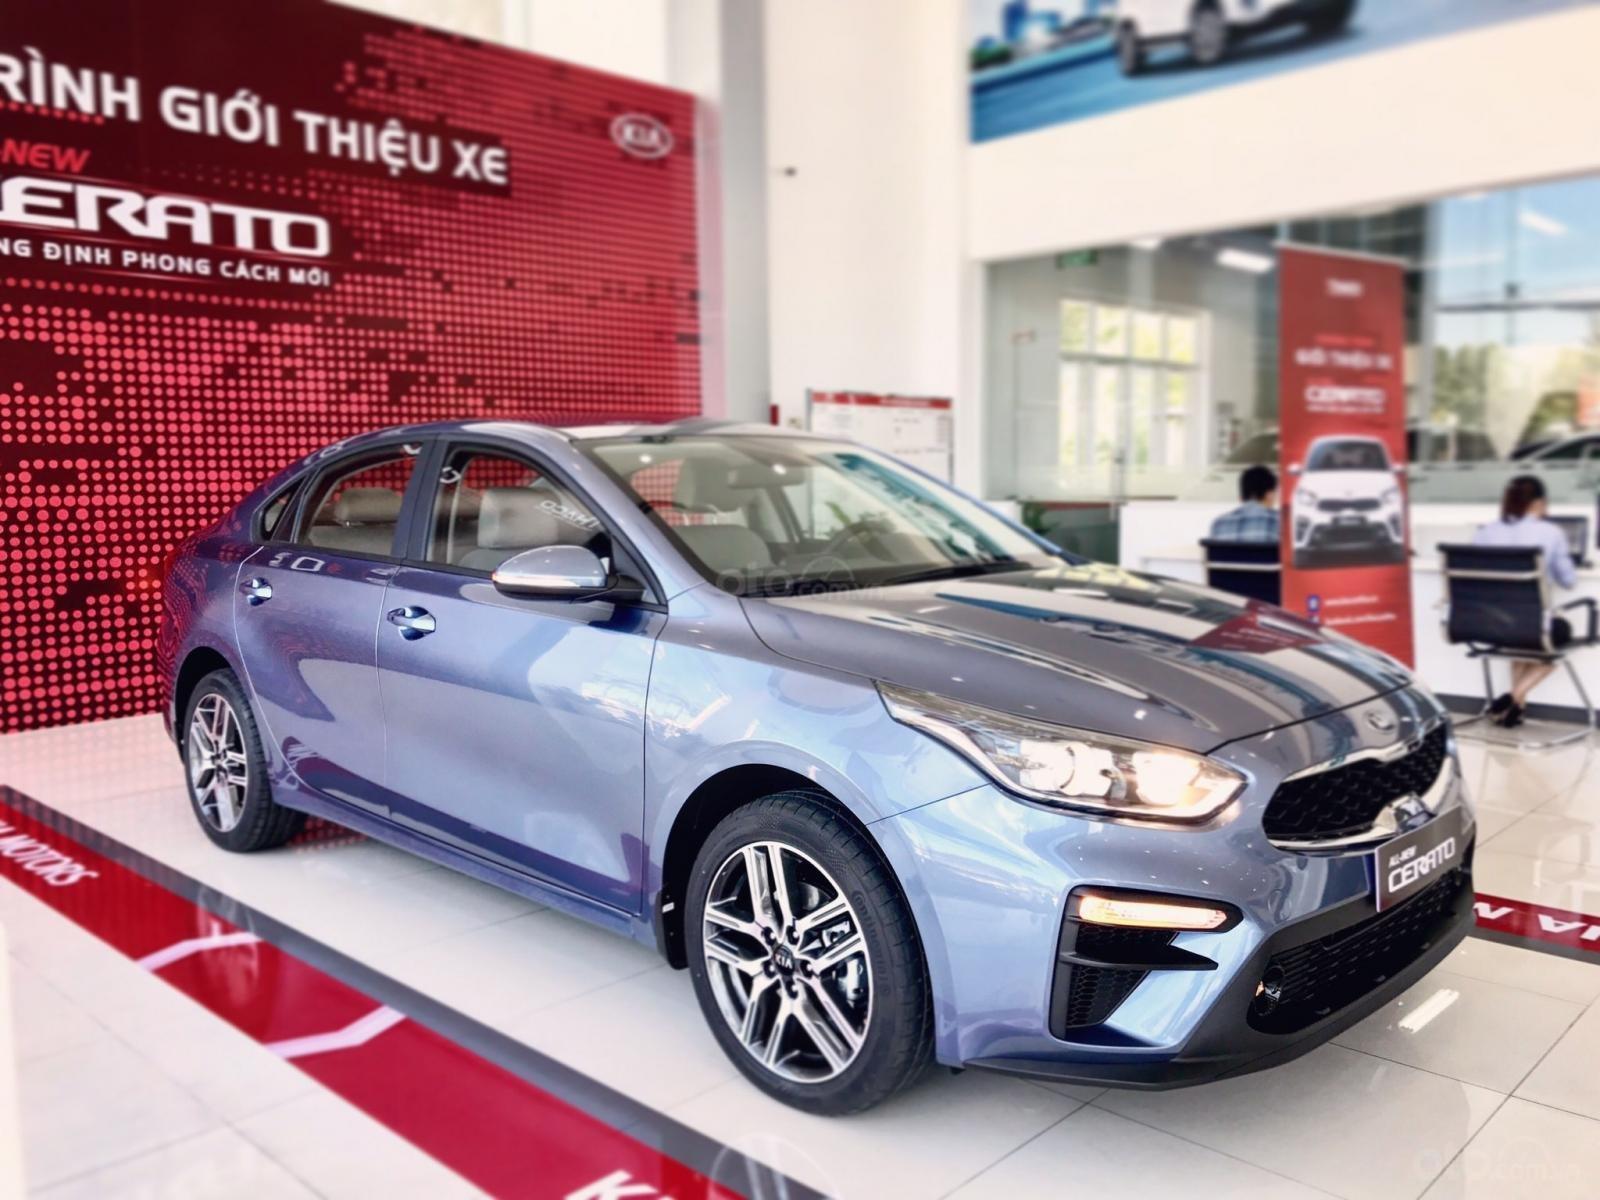 Kia Cerato All New 2019 - Khẳng định phong cách mới- Liên hệ ngay để được trợ giá tốt (2)